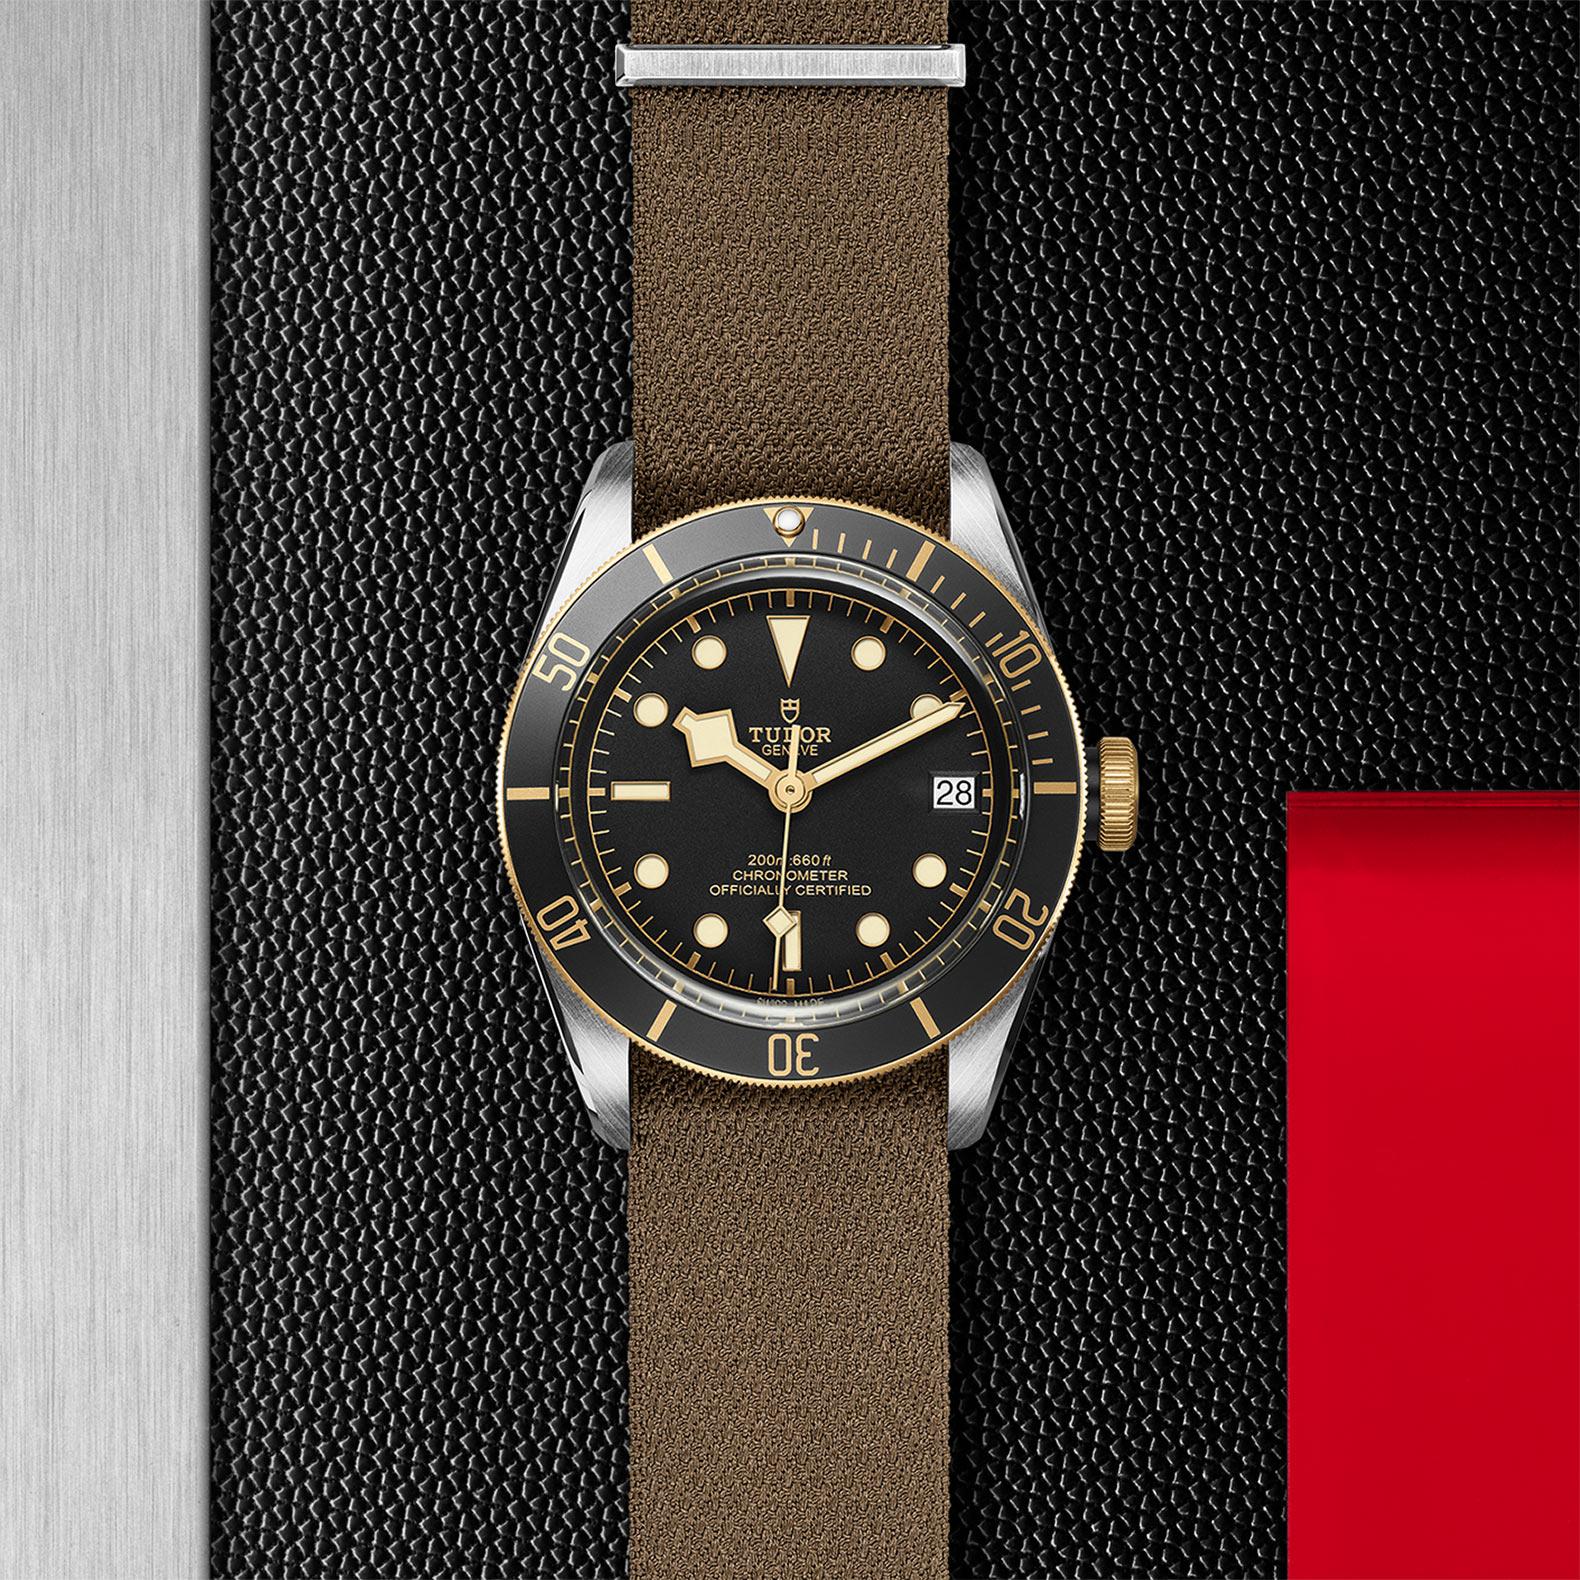 TUDOR Black Bay S&G - M79733N-0005